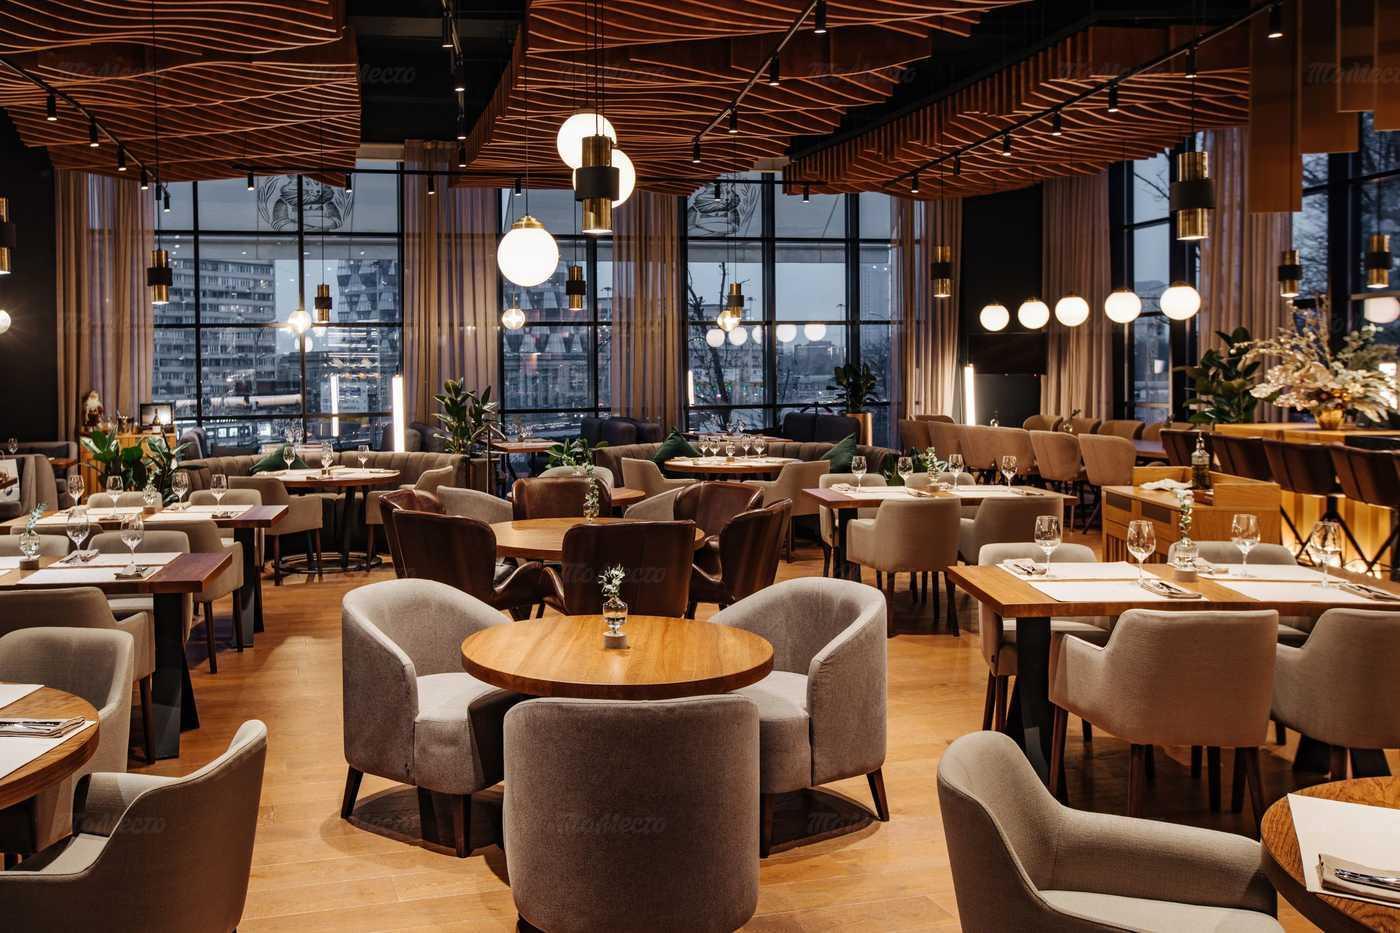 Ресторанный рынок в России снизился на 42,9%